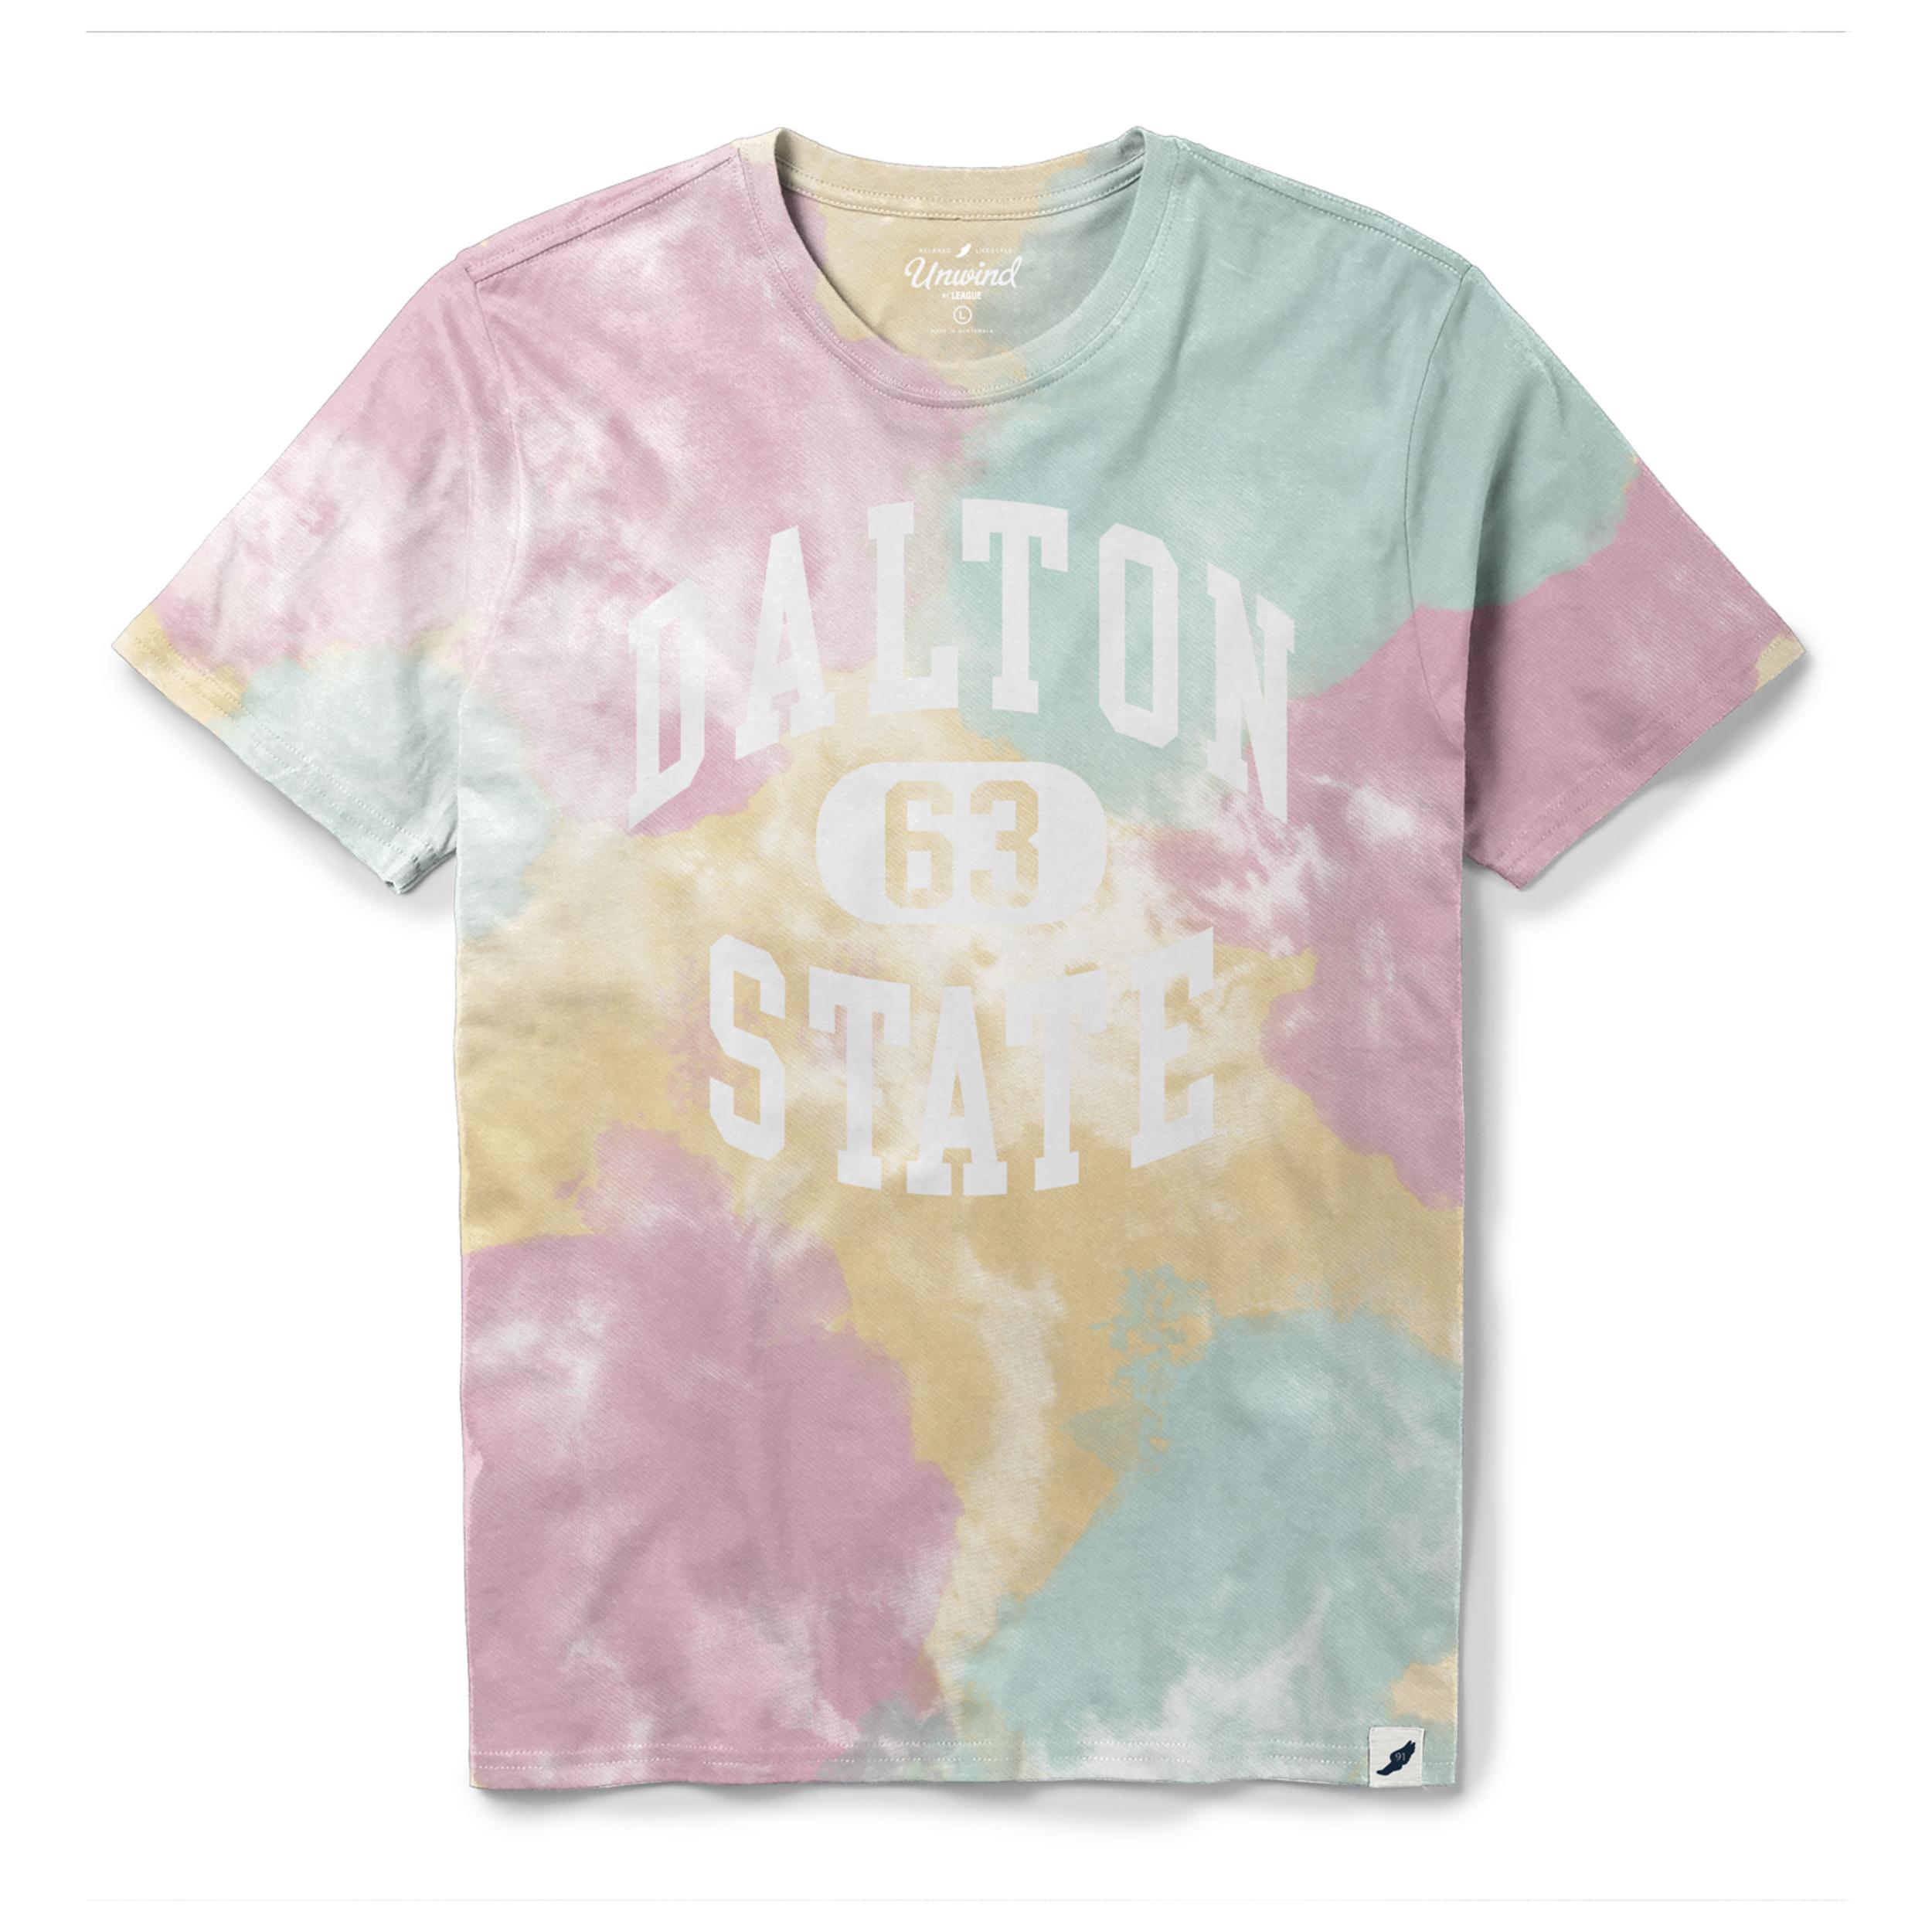 Dalton State 63 Tie Dye Shirt